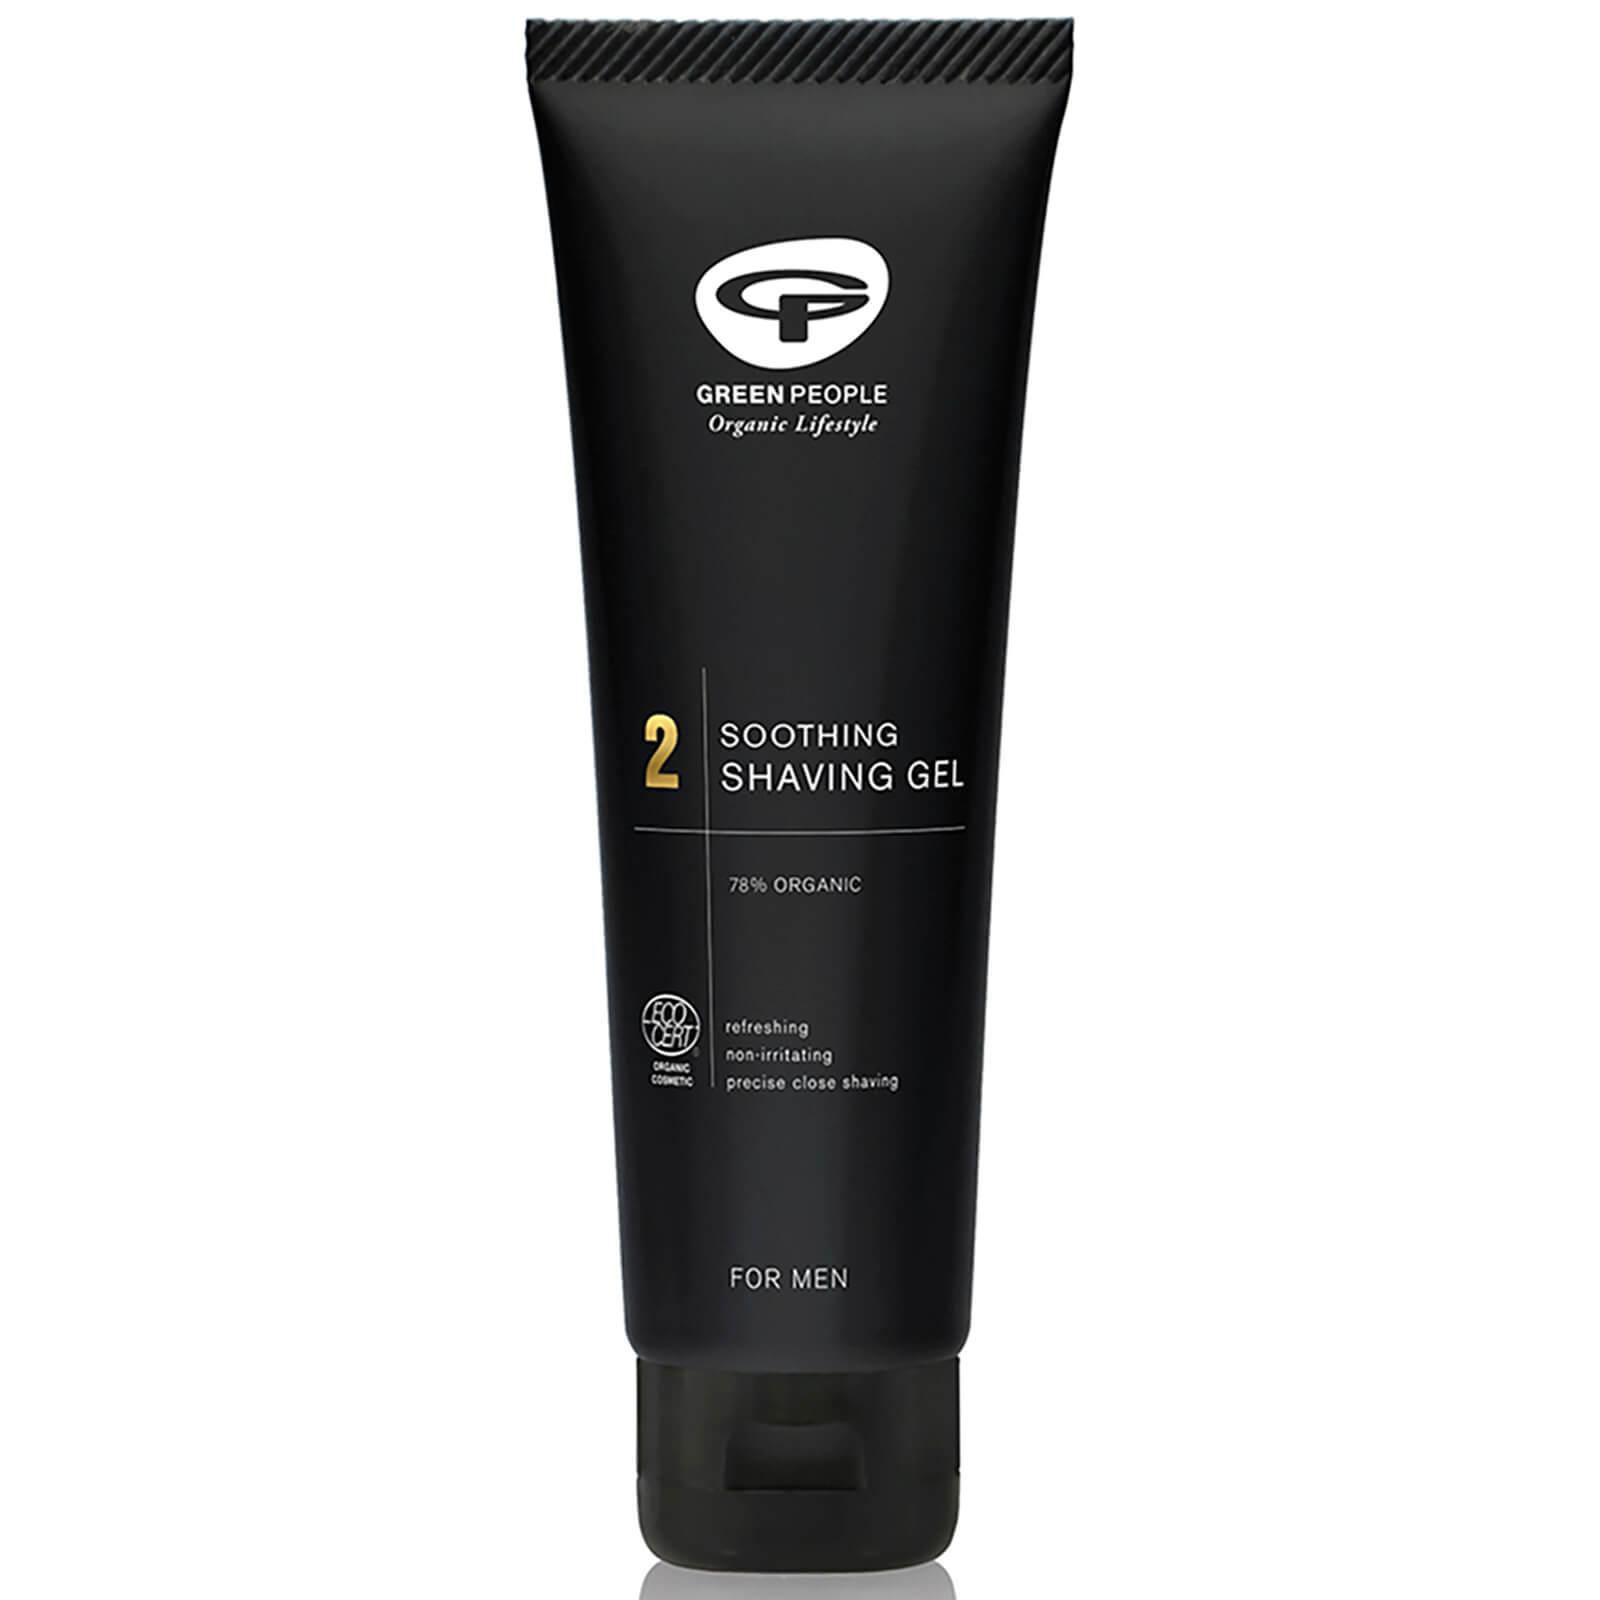 Green People Organic 2 Soothing Shaving Gel 100ml